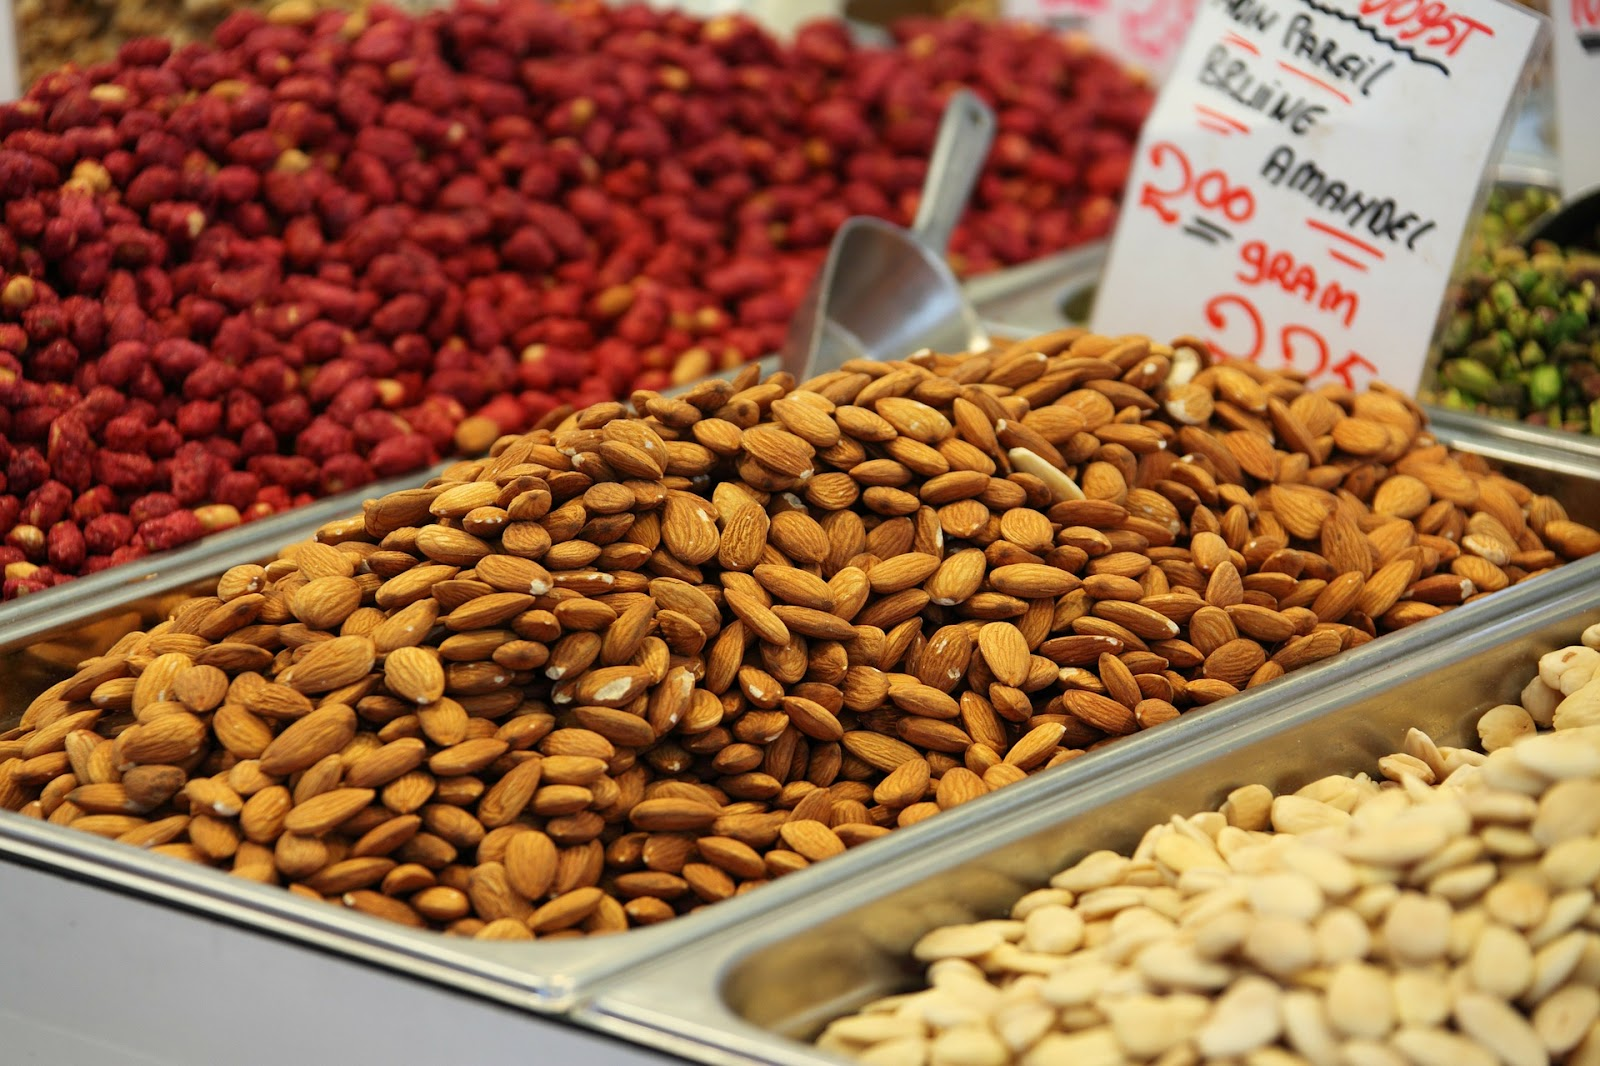 almonds in a bin